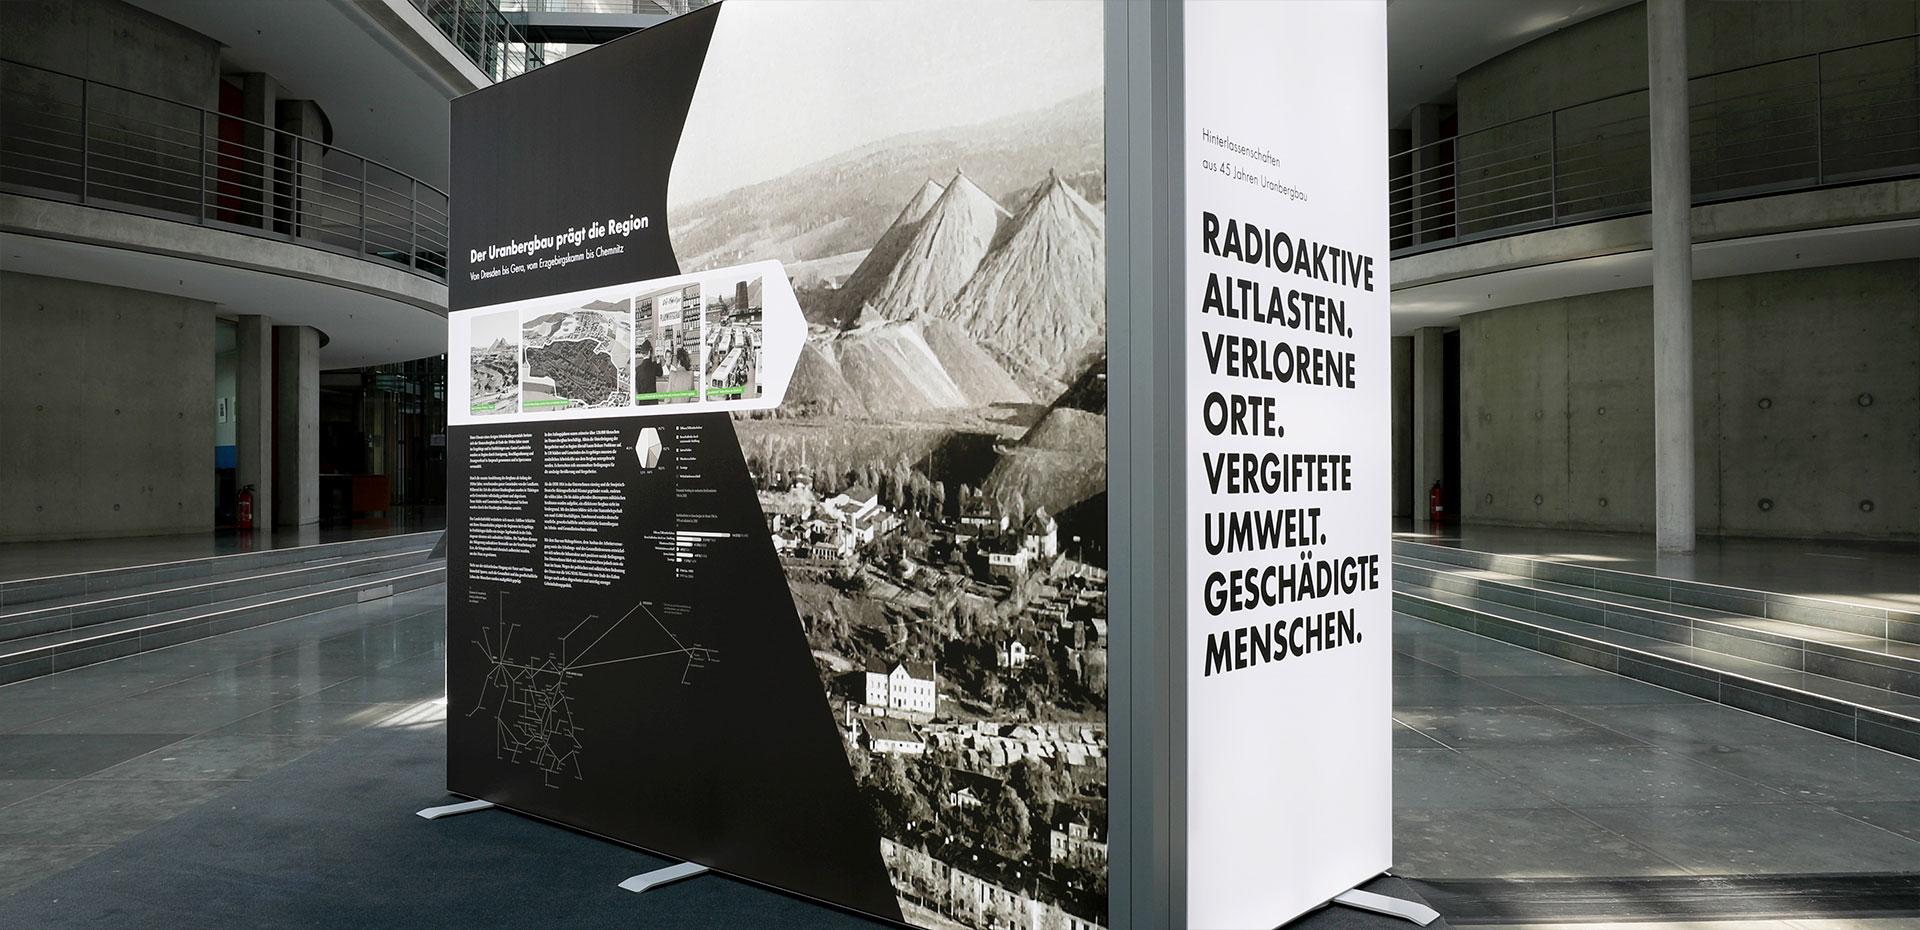 Der Uranbergbau prägt die Region